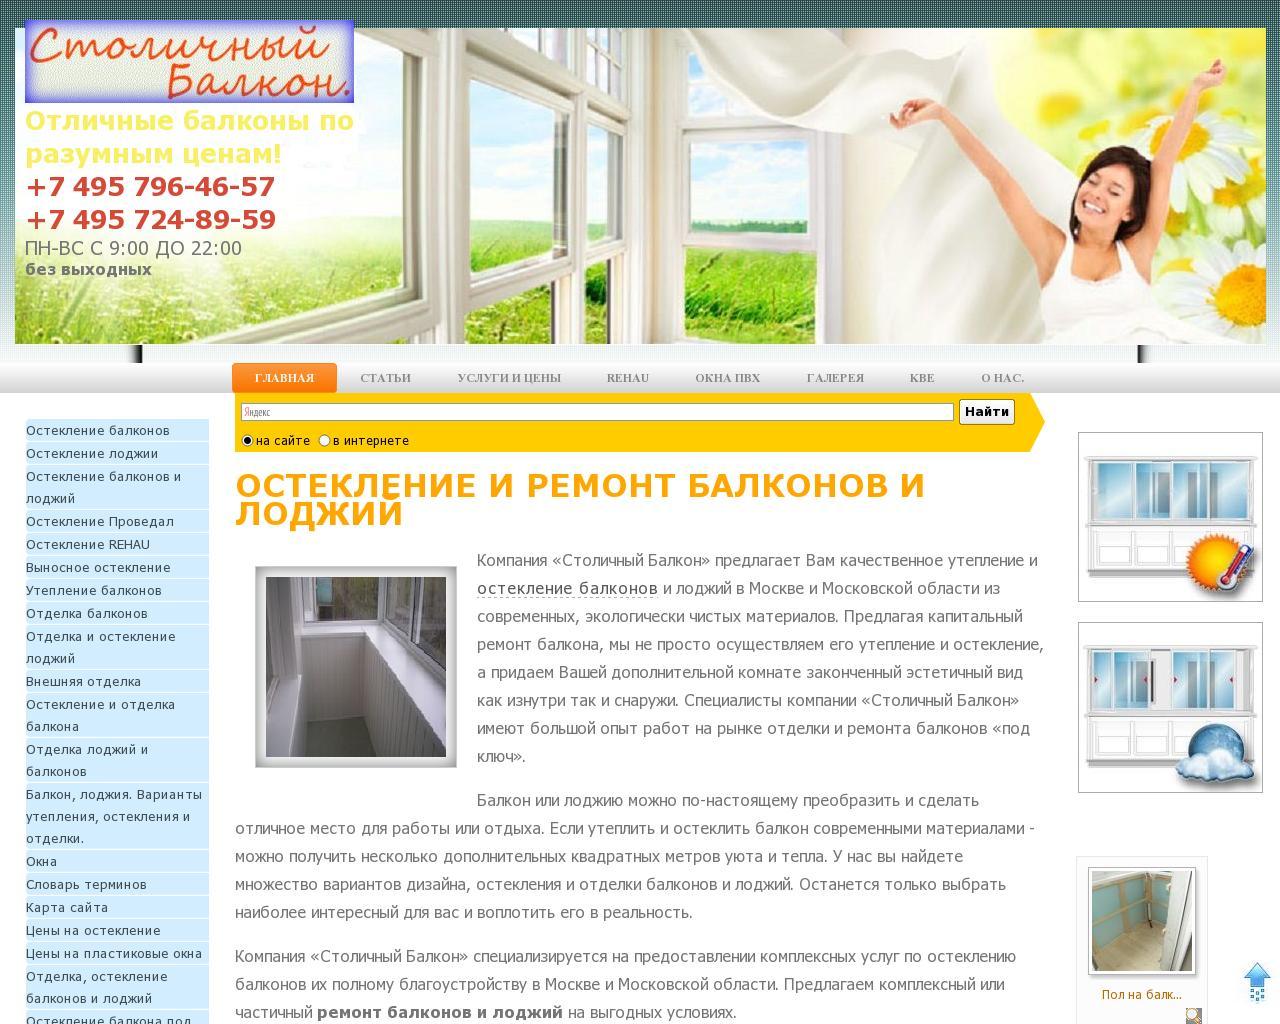 Msk-balkon.ru остекление и ремонт балконов и лоджий в москве.